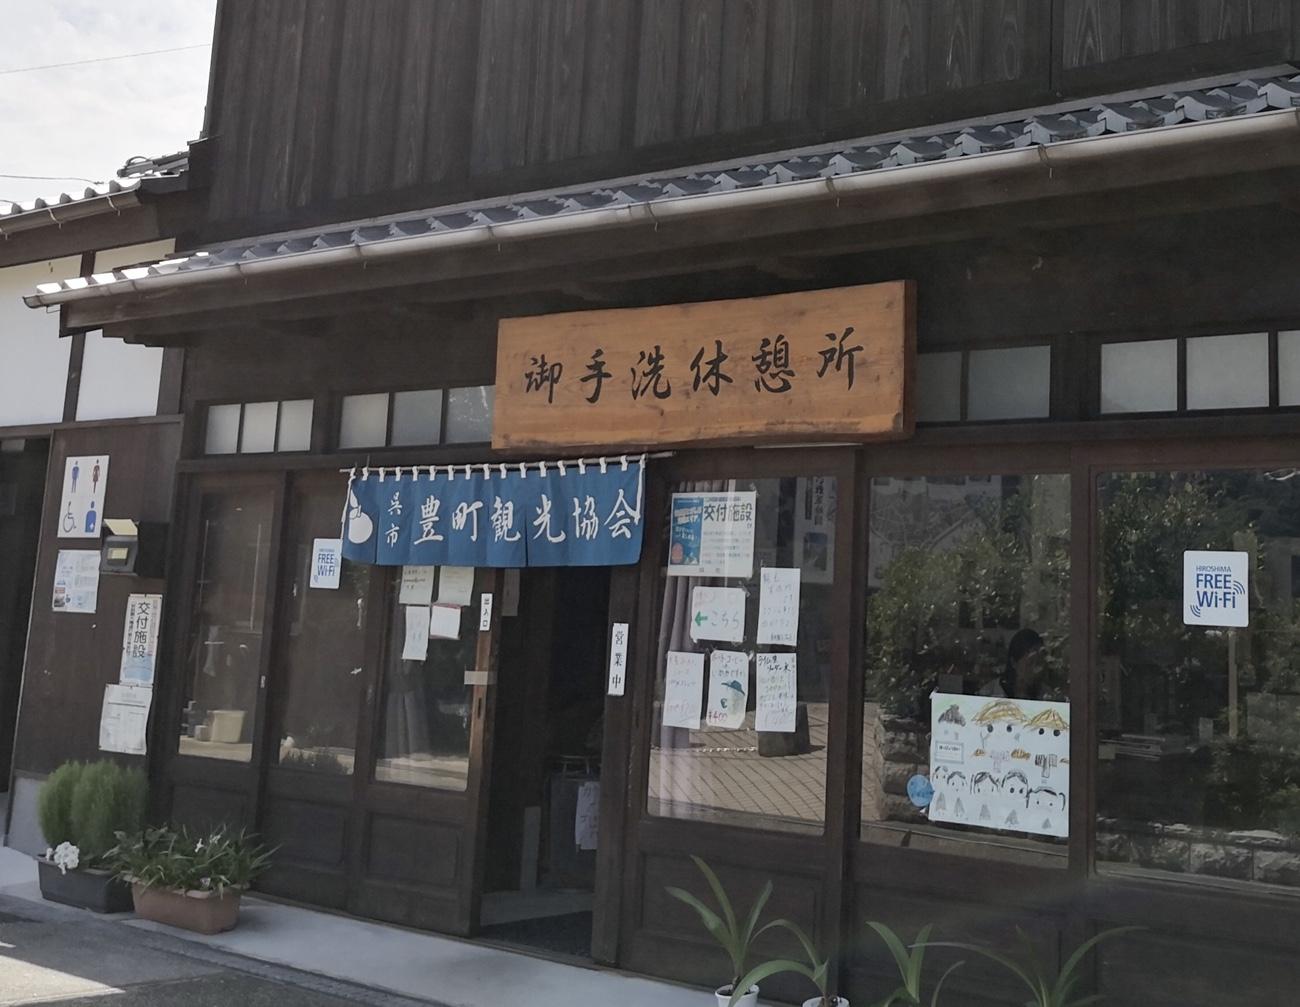 とびしま海道 無料駐車場 御手洗休憩所